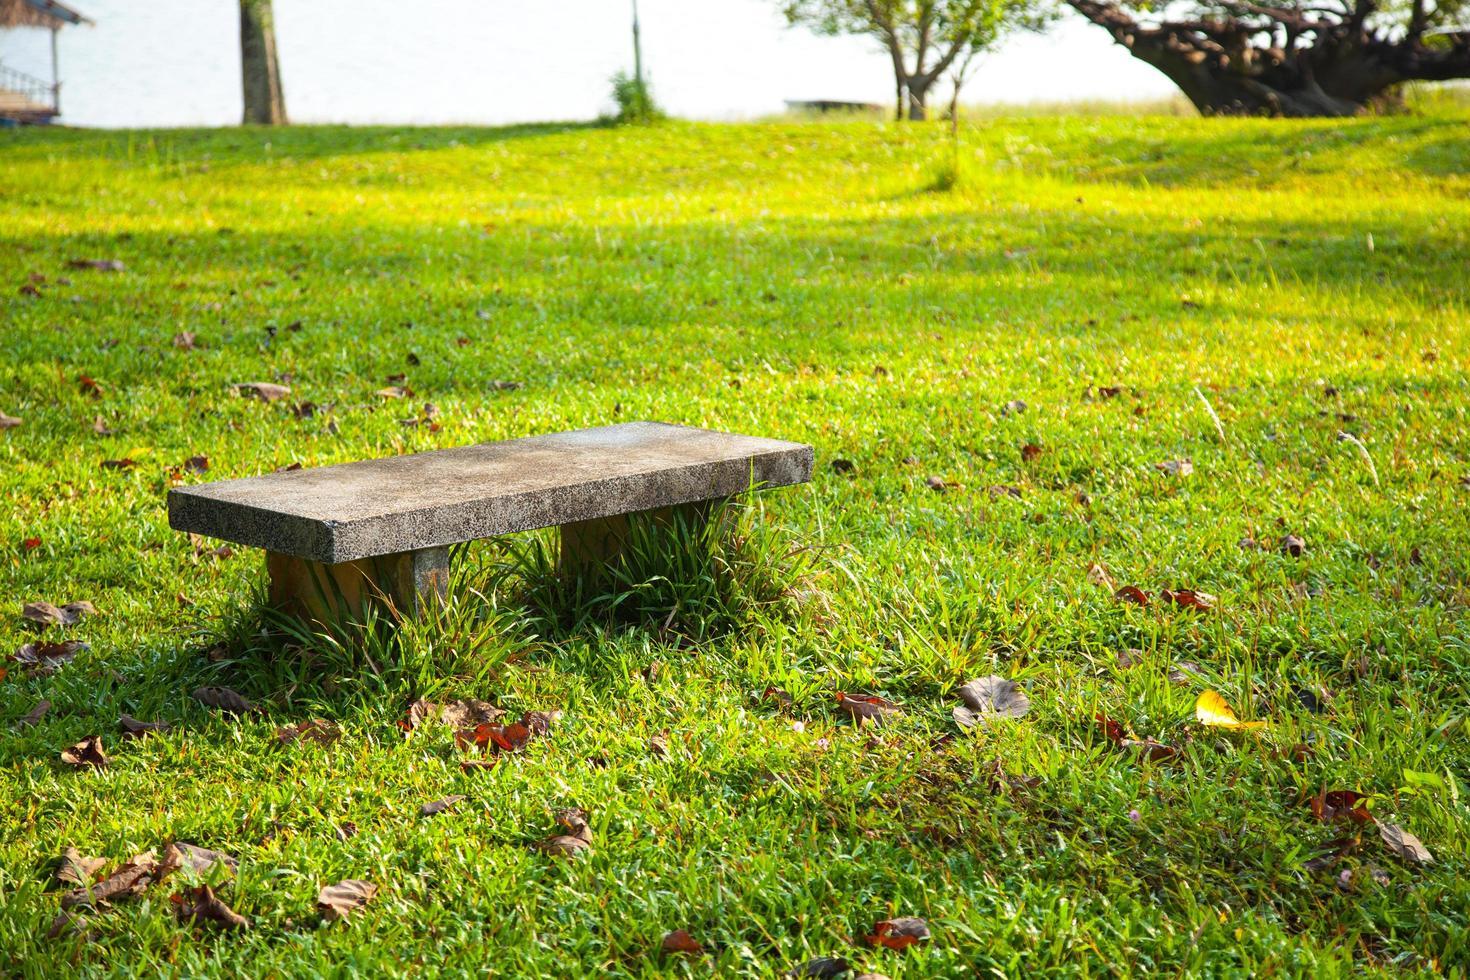 Steinbank auf dem Rasen foto